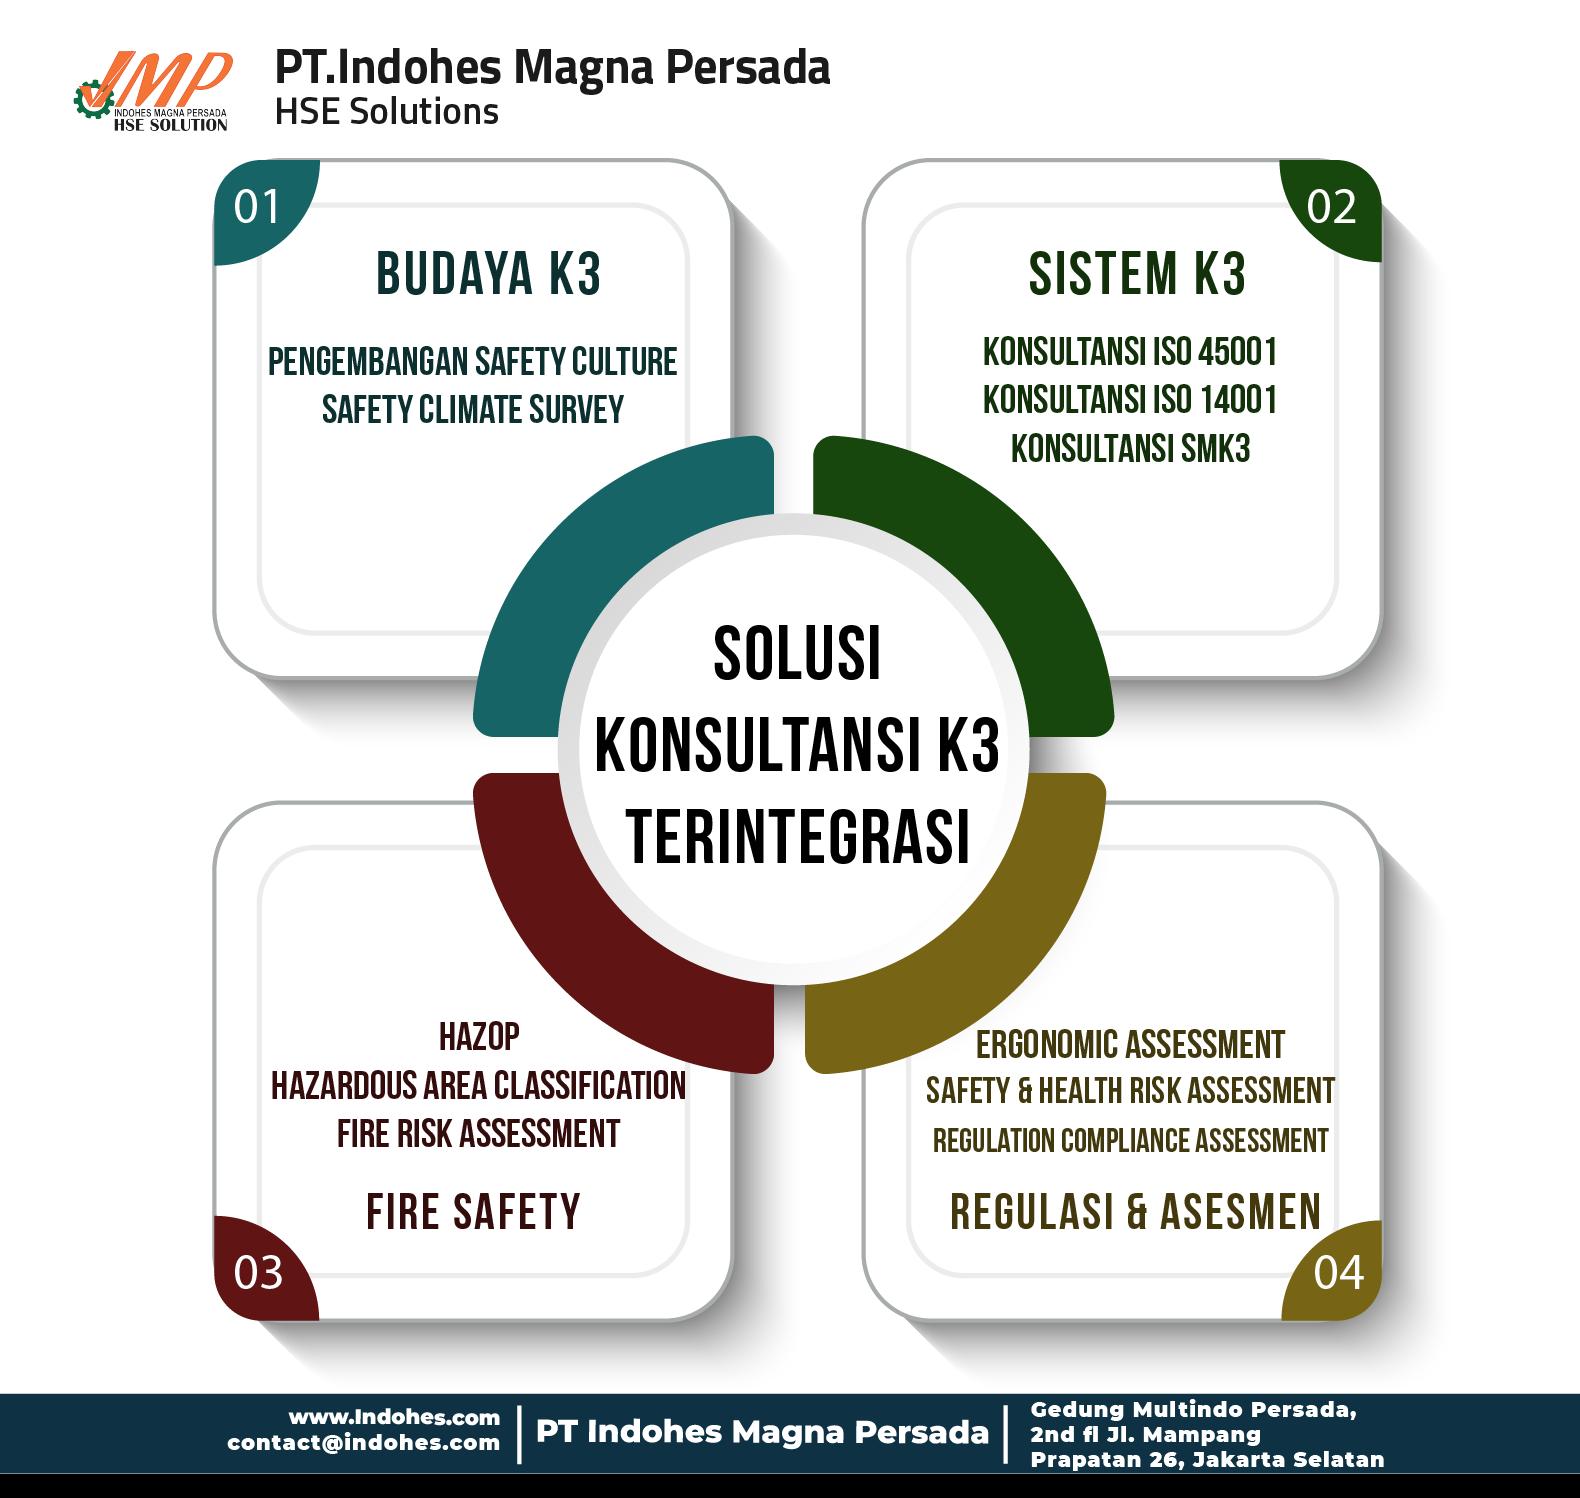 Konsultan K3